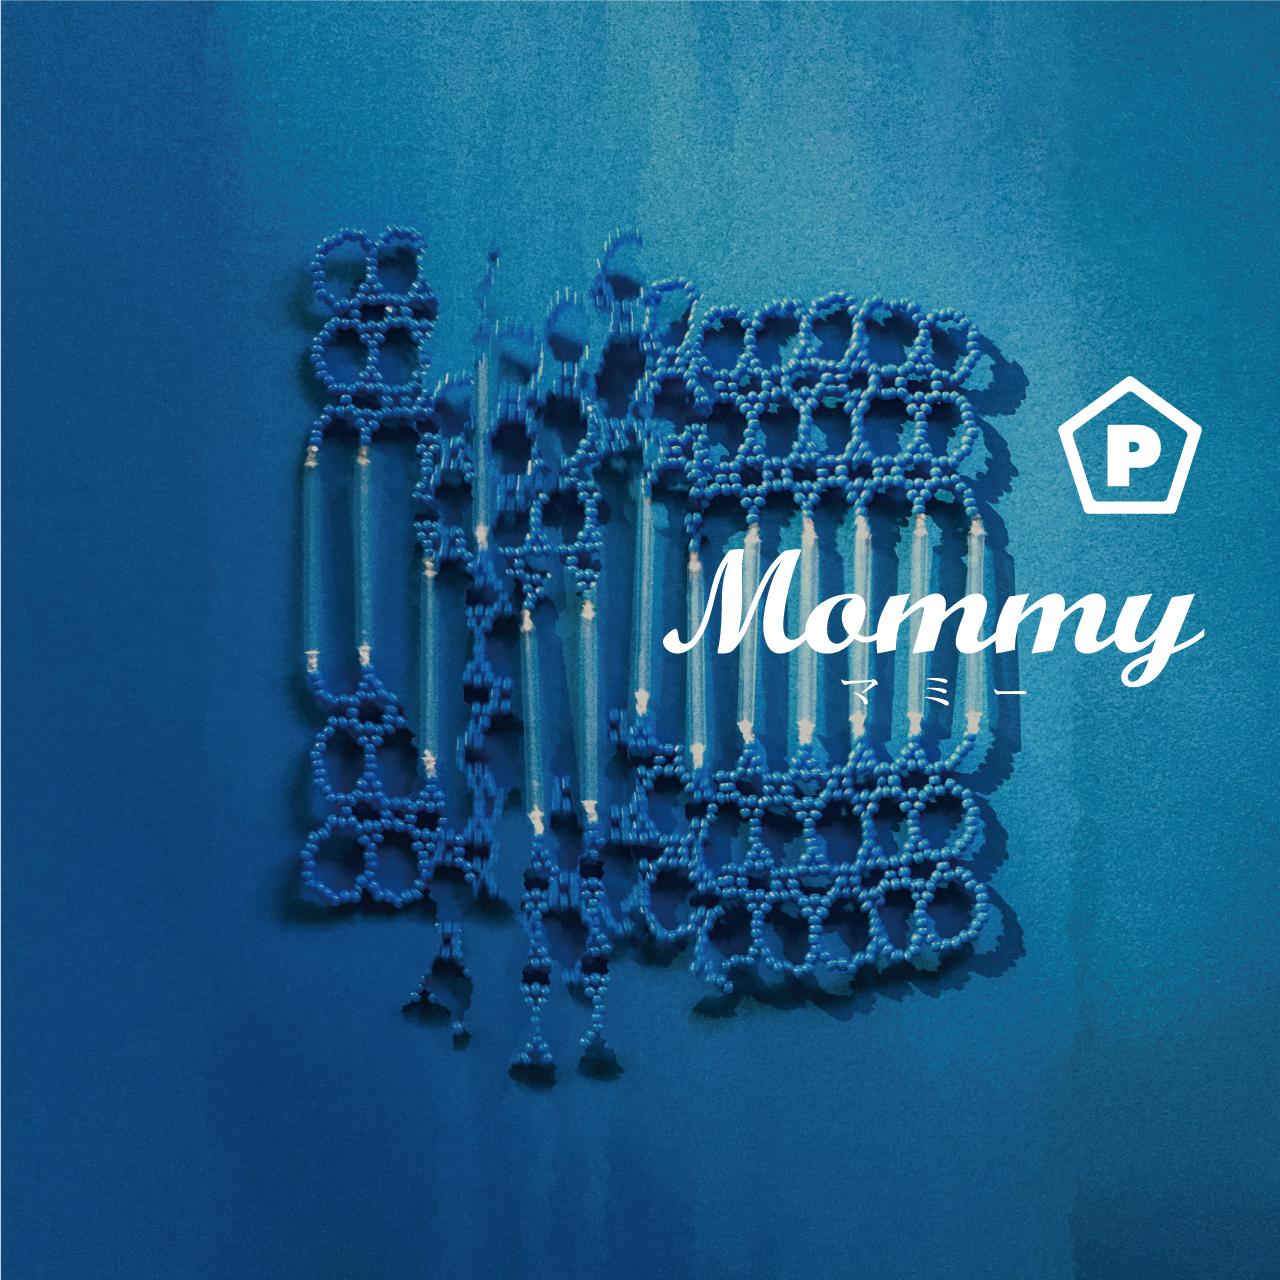 映画『Mommy/マミー』× ジュエリーブランドPENTA(ペンタ)コラボレーション展「PENTAと